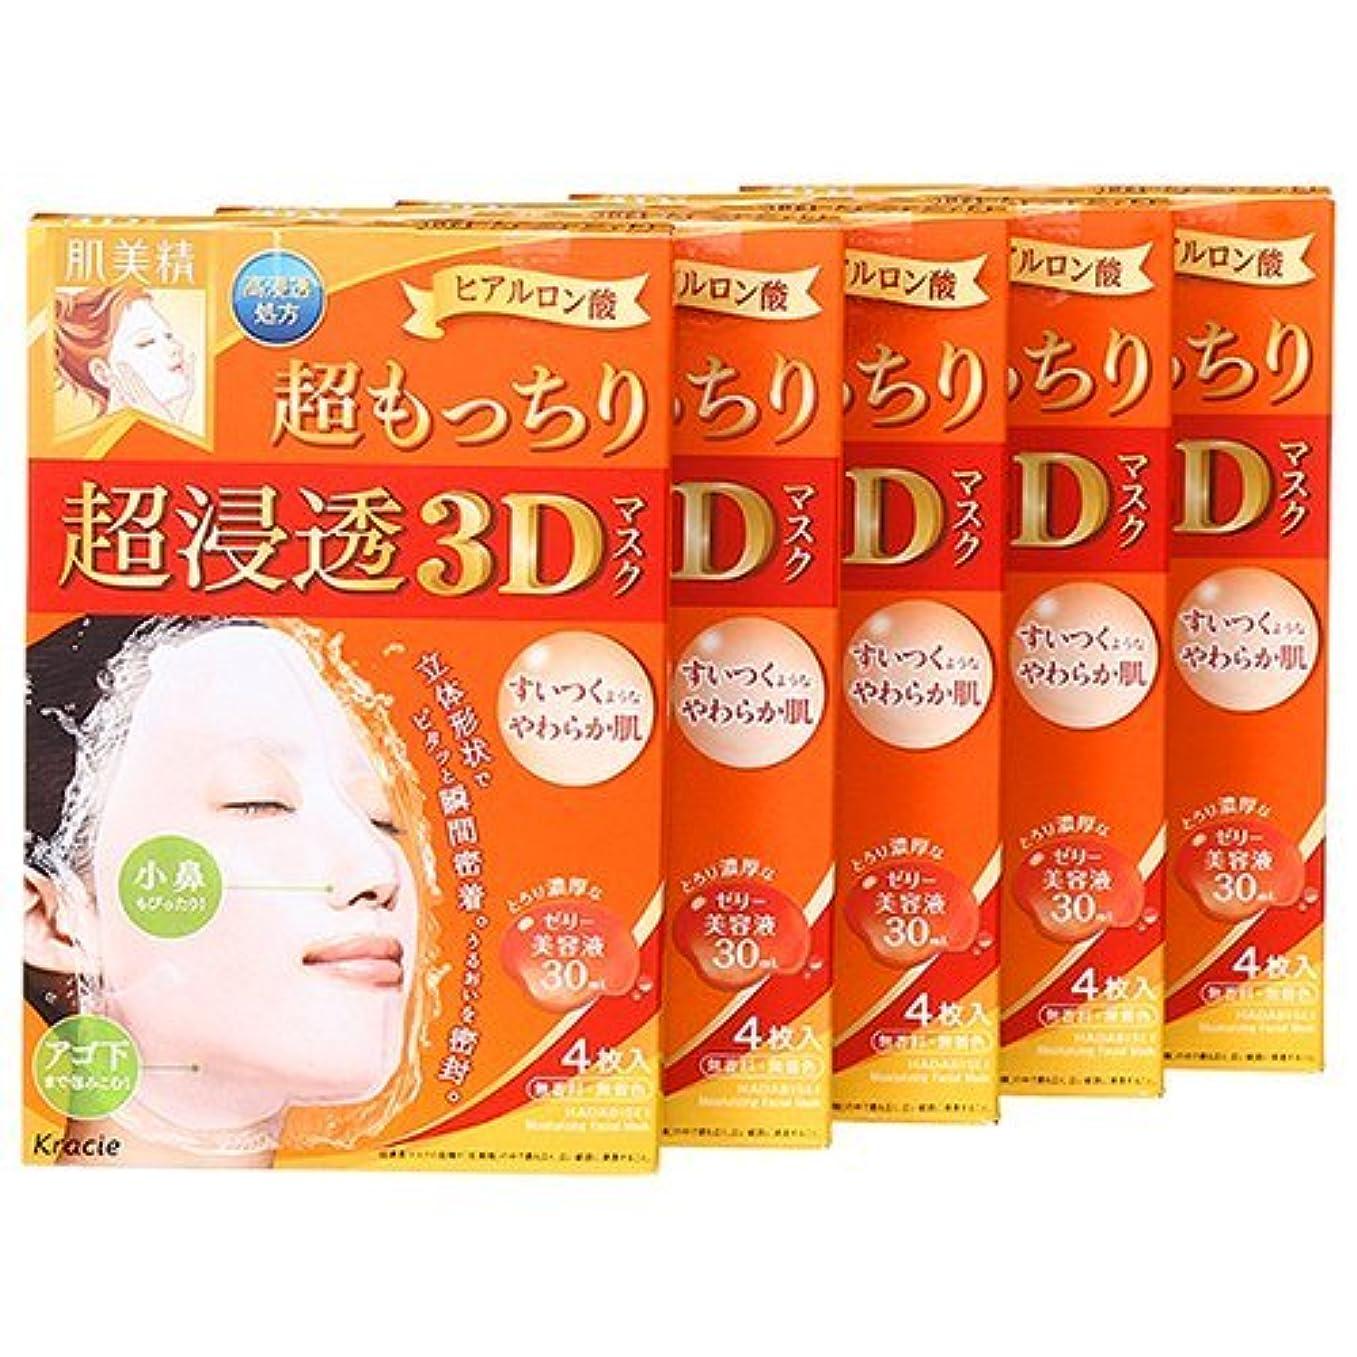 学校ドロップ支援するクラシエホームプロダクツ 肌美精 超浸透3Dマスク 超もっちり 4枚入 (美容液30mL/1枚) 5点セット [並行輸入品]